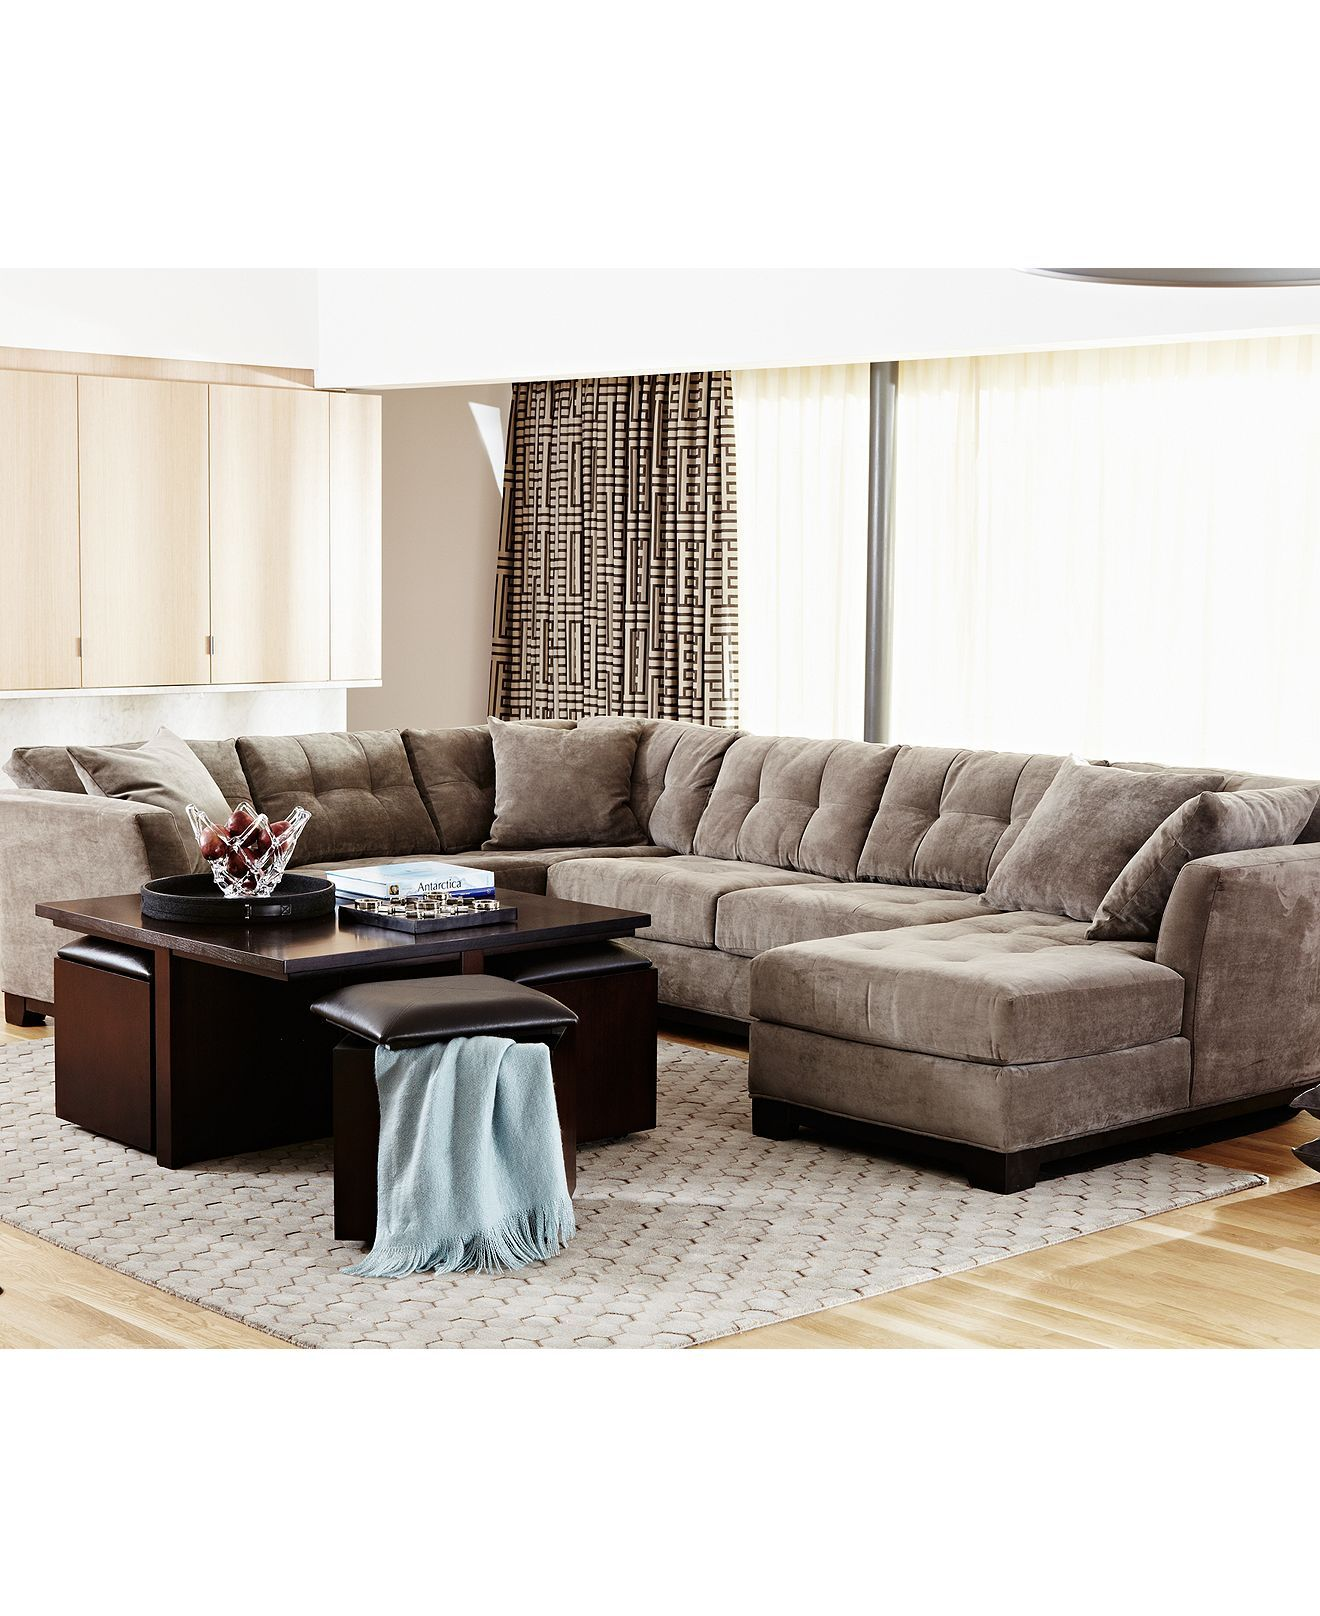 Craigslist Furniture Delivery Dc